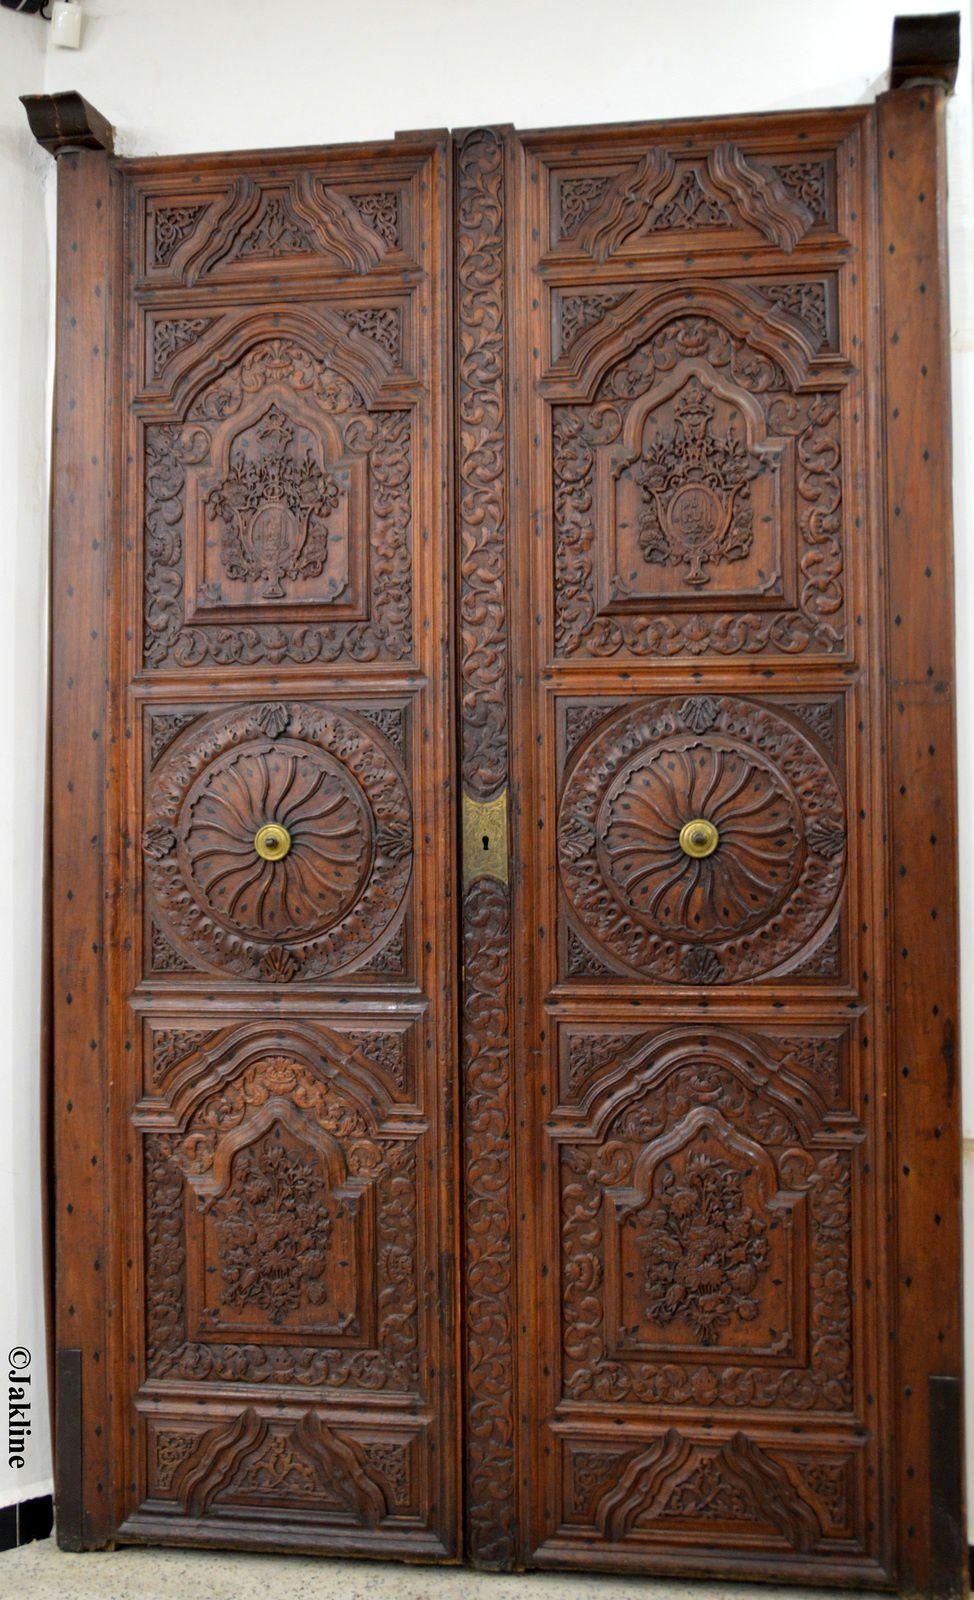 Le Musée d'Art Islamique à Alger